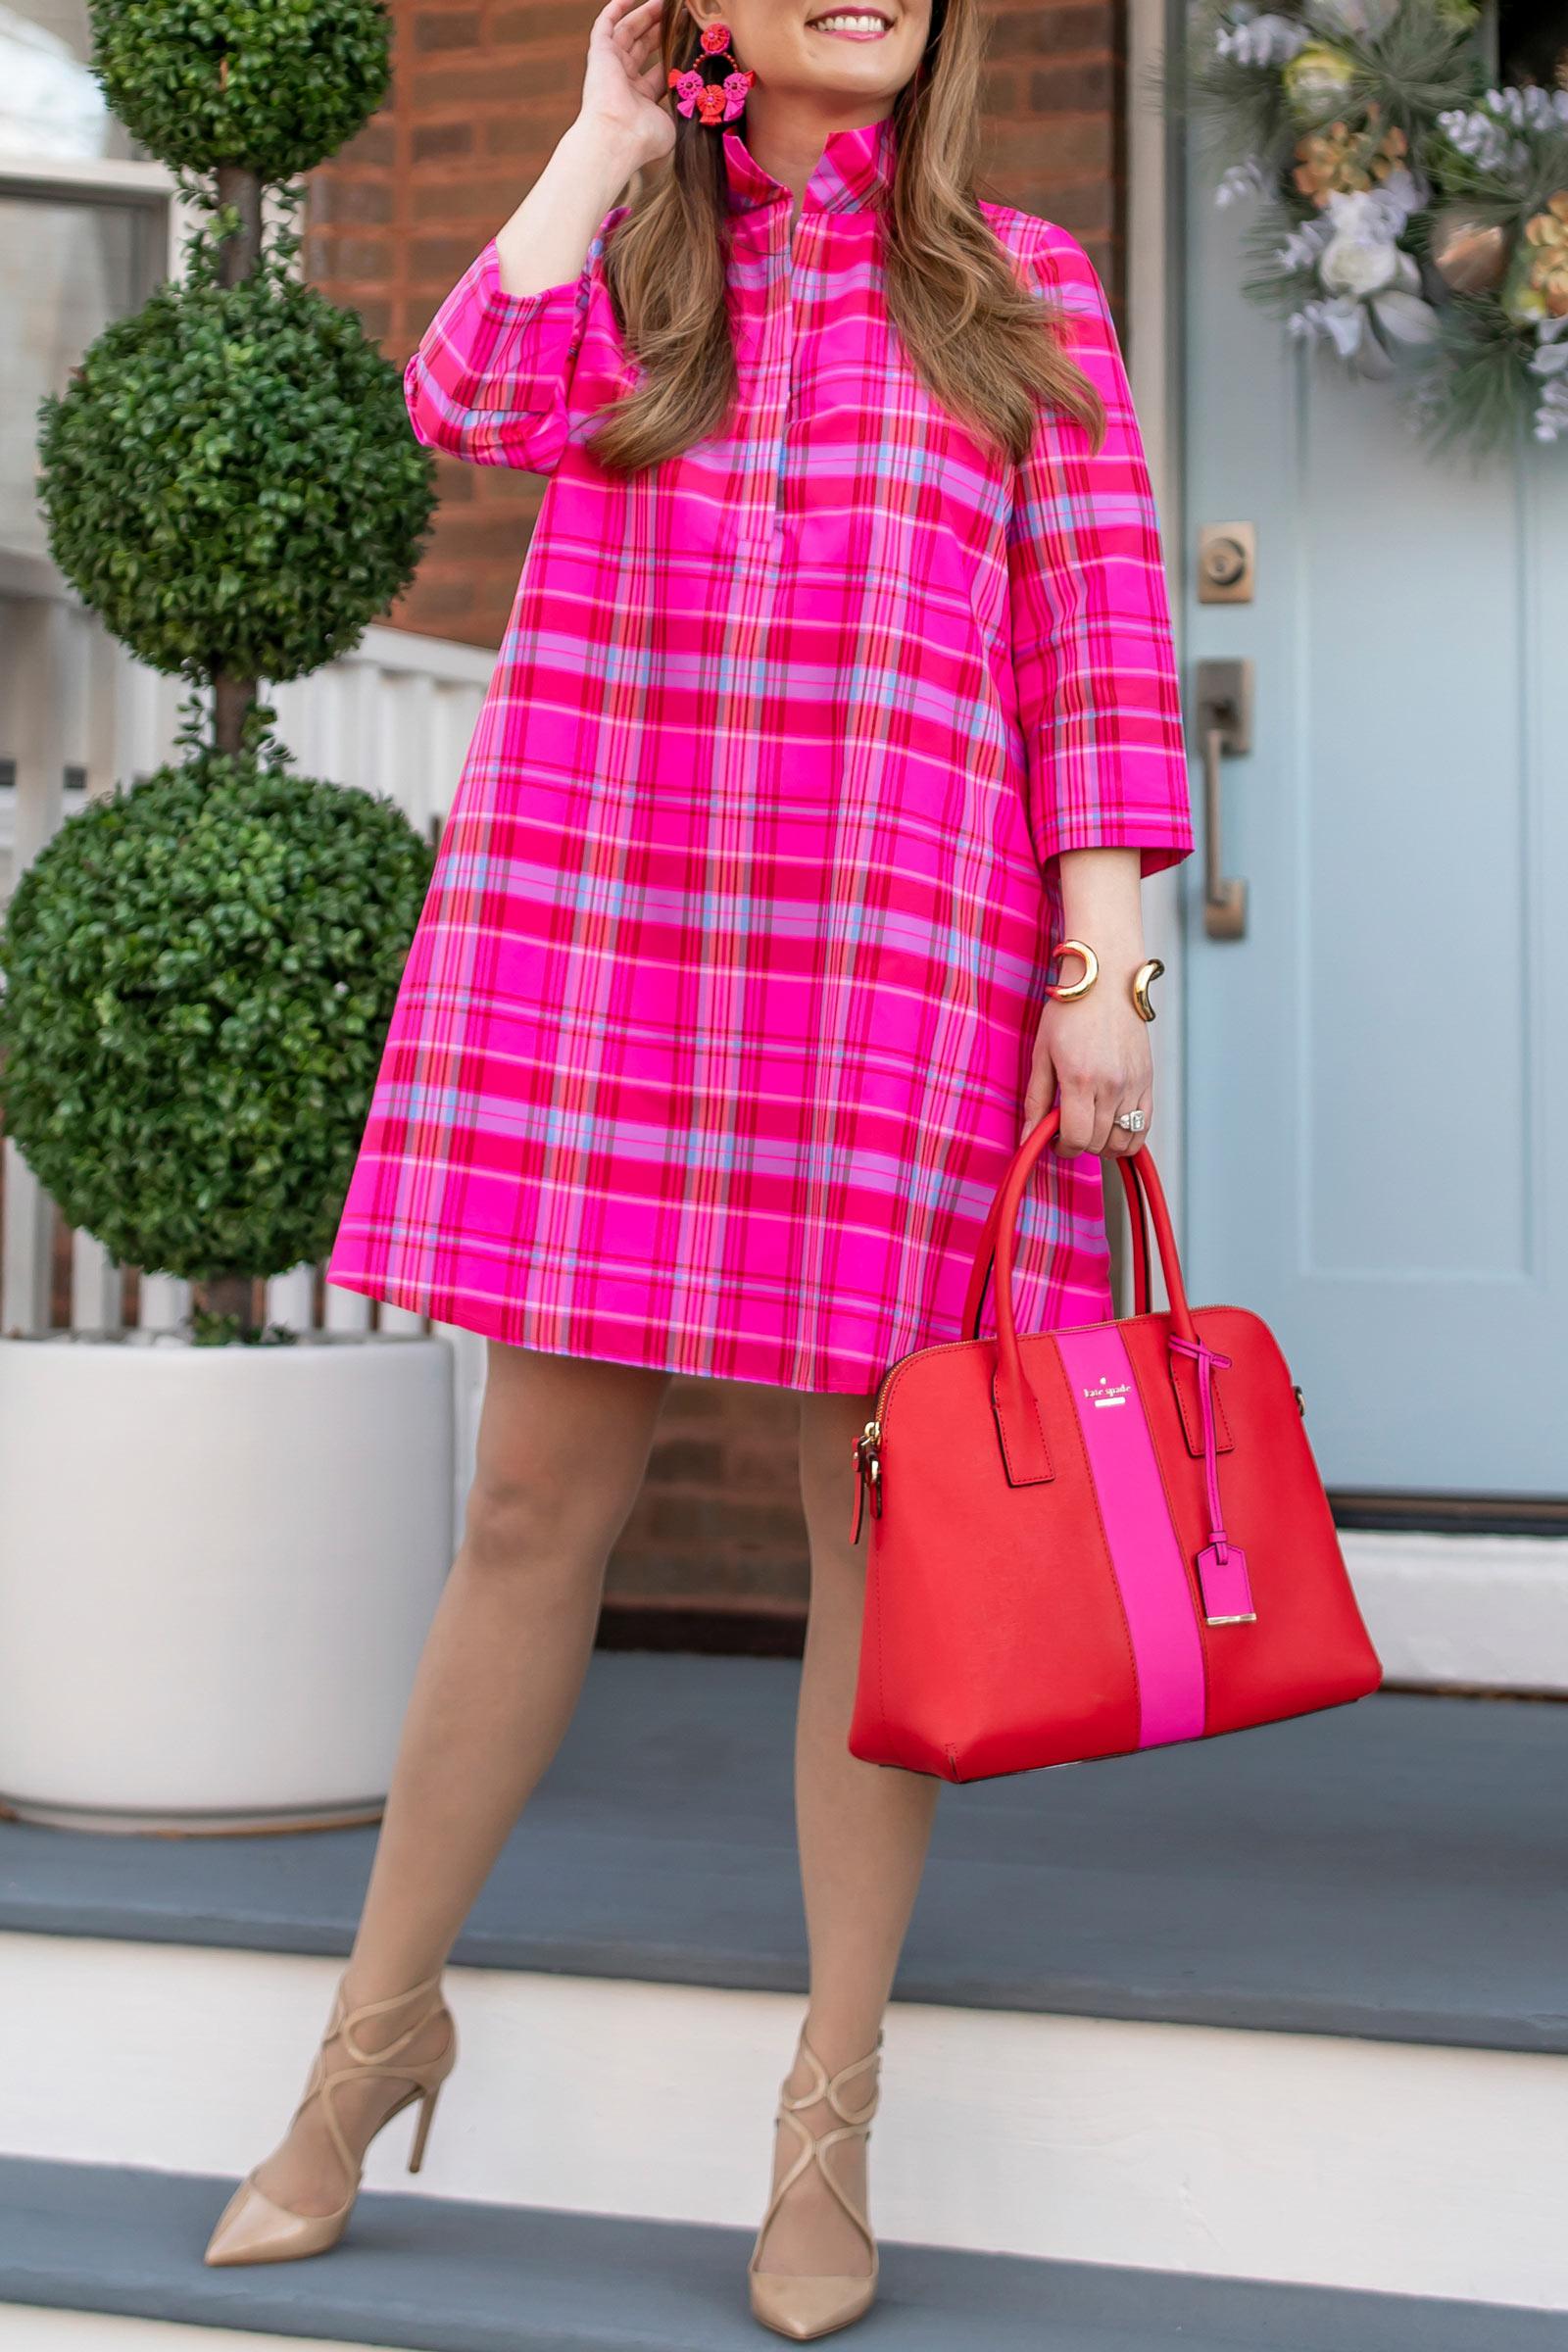 Jennifer Lake Kate Spade Red Pink Bag